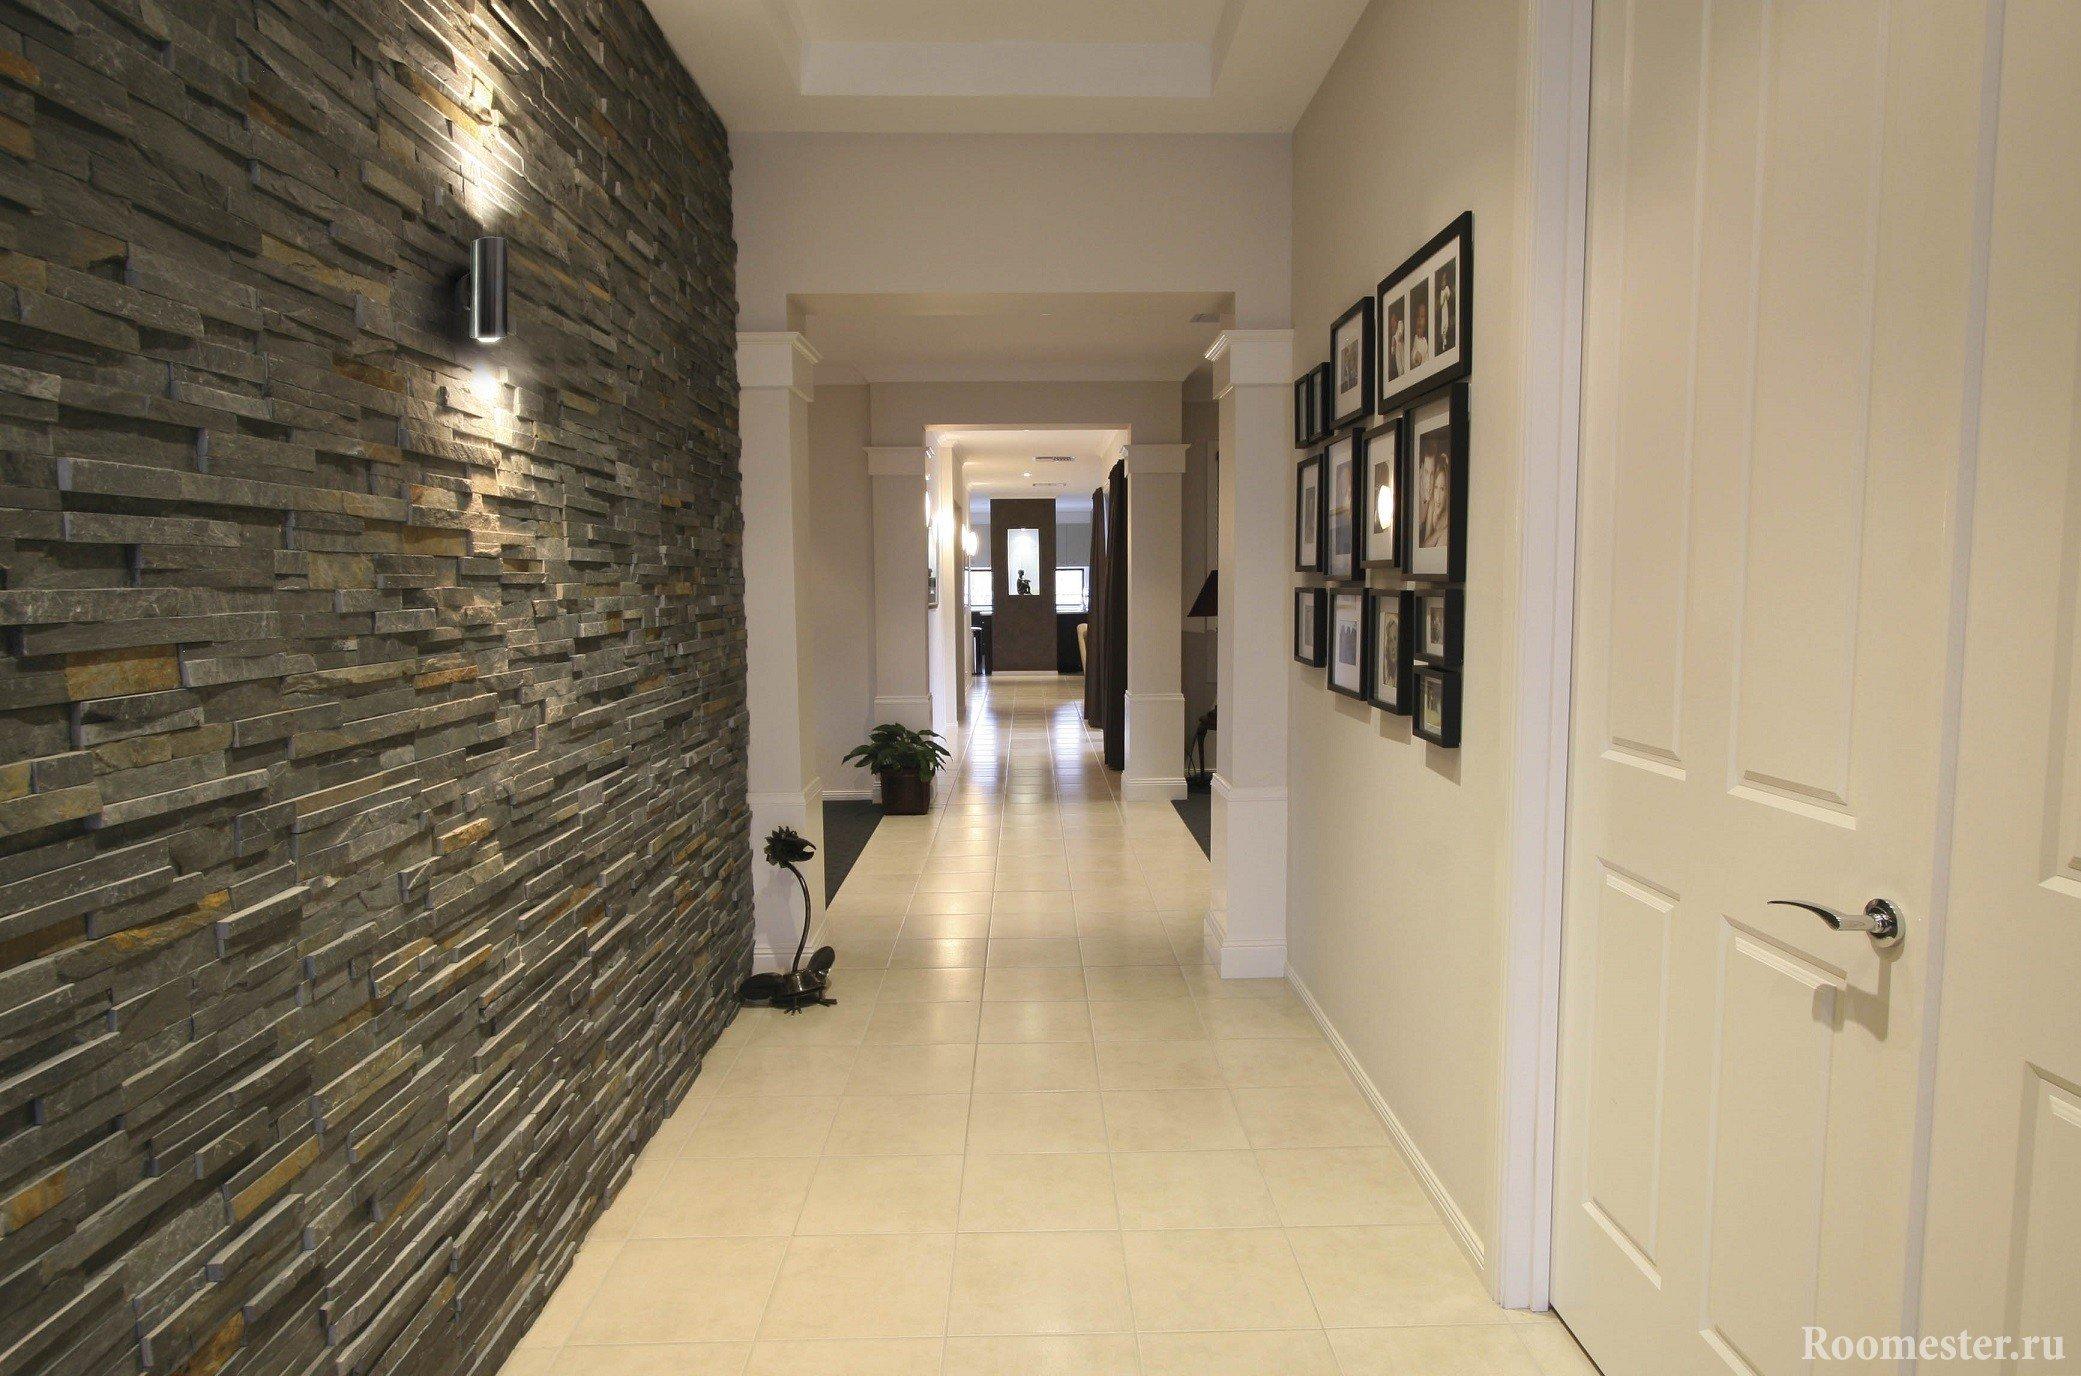 Дизайн длинного и узкого коридора - 35 фото идей интерьера